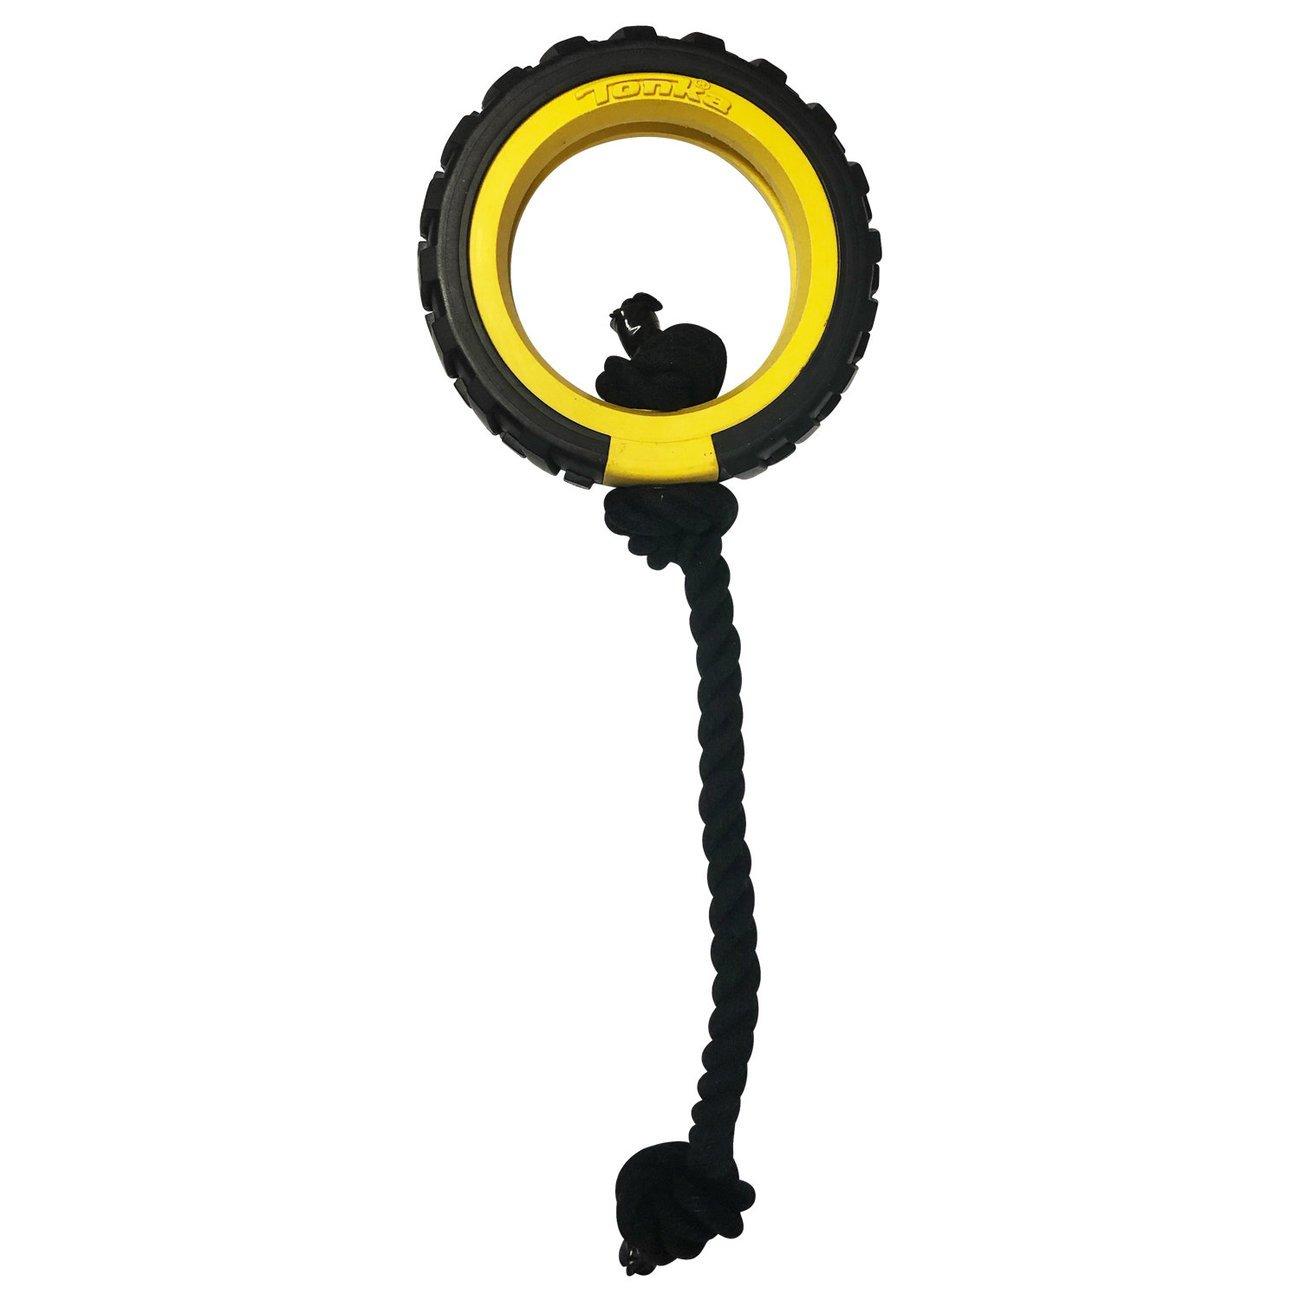 Hagen Mega Reifen mit Seil, 21 x 21 x 4,5 cm